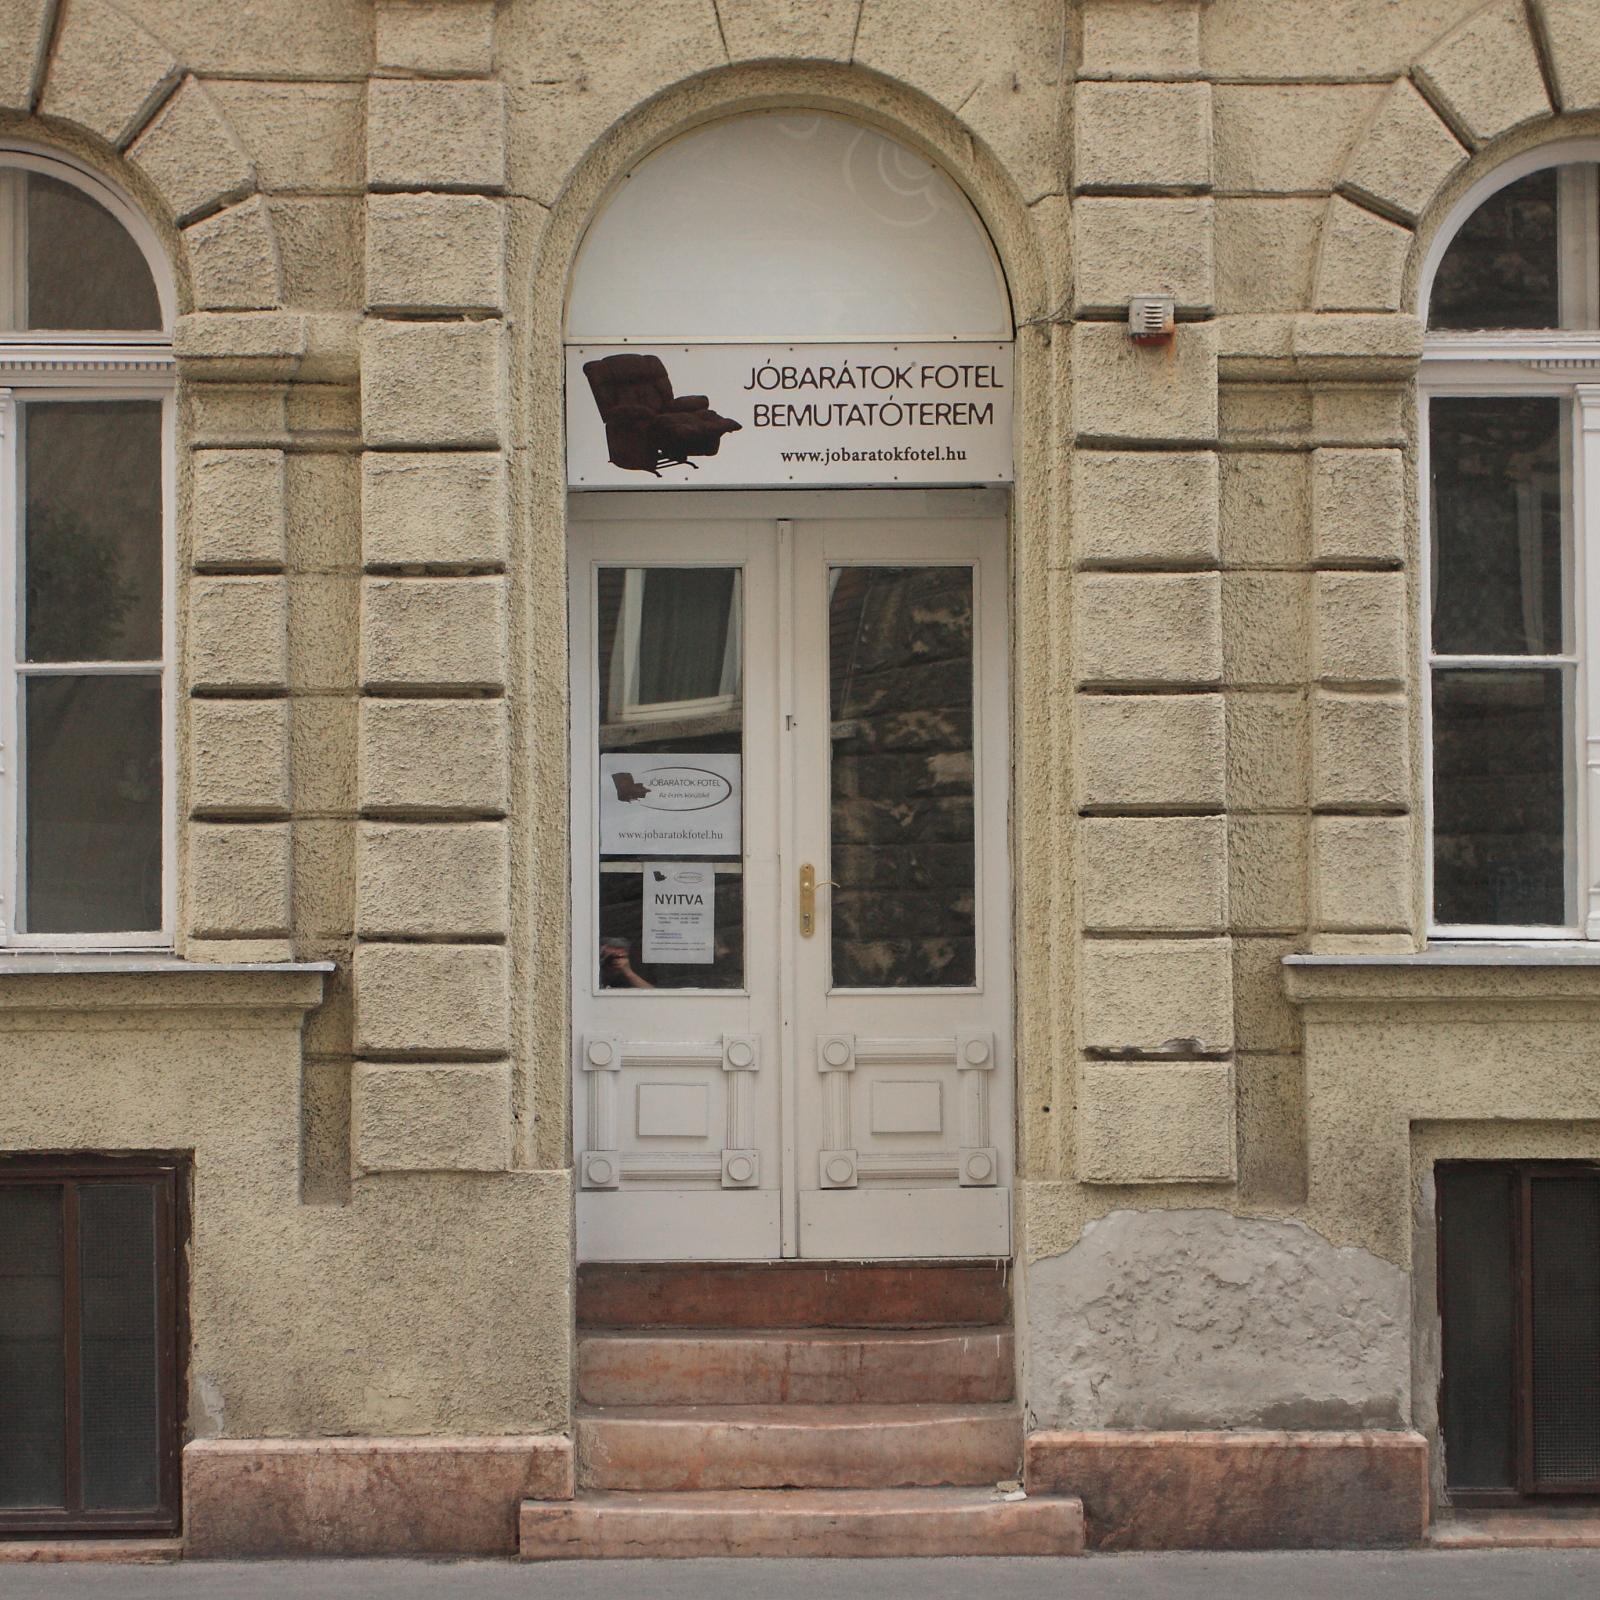 JÓBARÁTOK FOTEL Bemutatóterem portál